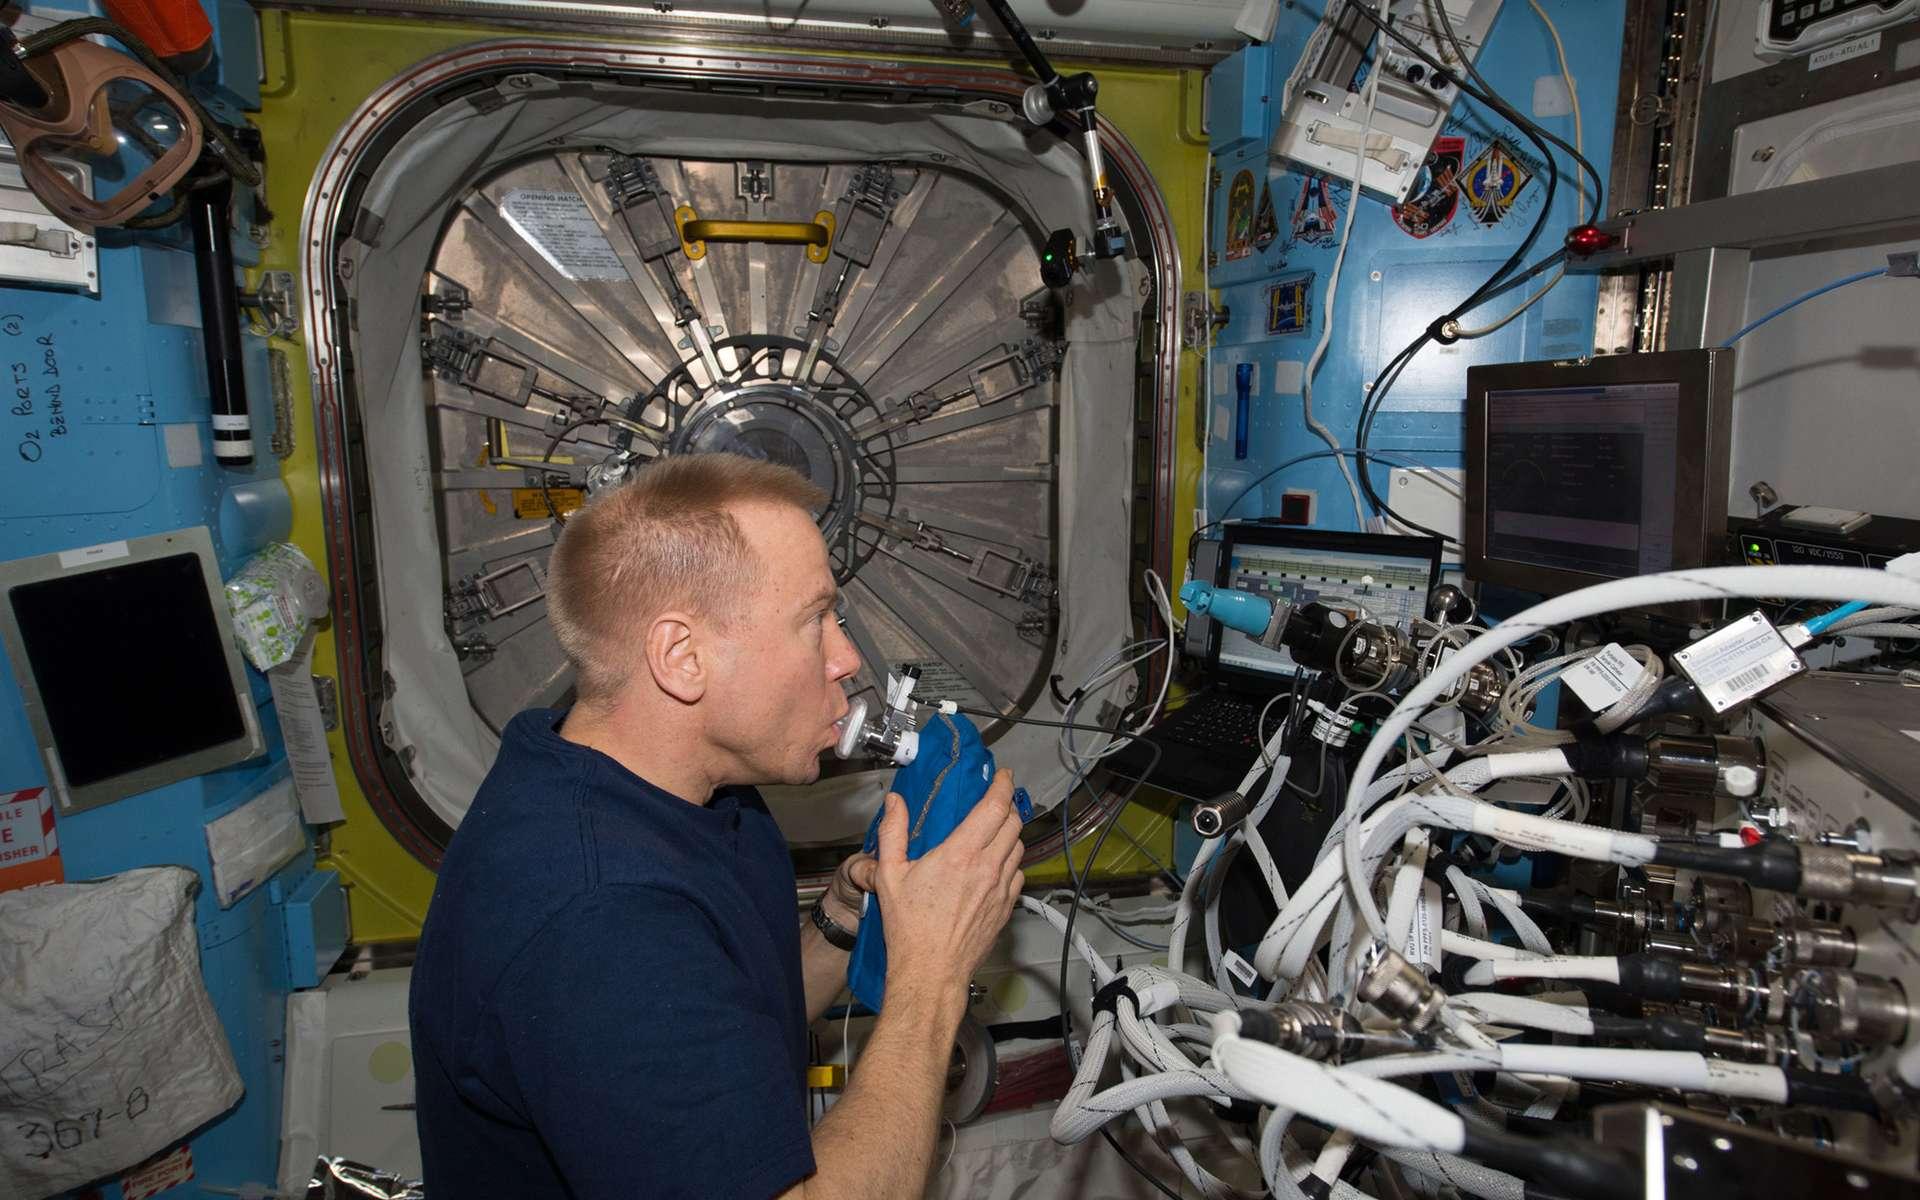 L'astronaute de l'agence spatiale européenne Tim Peake surveille sa santé à bord de la Station spatiale internationale. On le voit ici analyser l'air expiré, contrôler le niveau d'inflammation de ses voies respiratoires et mesurer la quantité de poussière en suspension dans l'atmosphère du complexe orbital. © Esa, Nasa